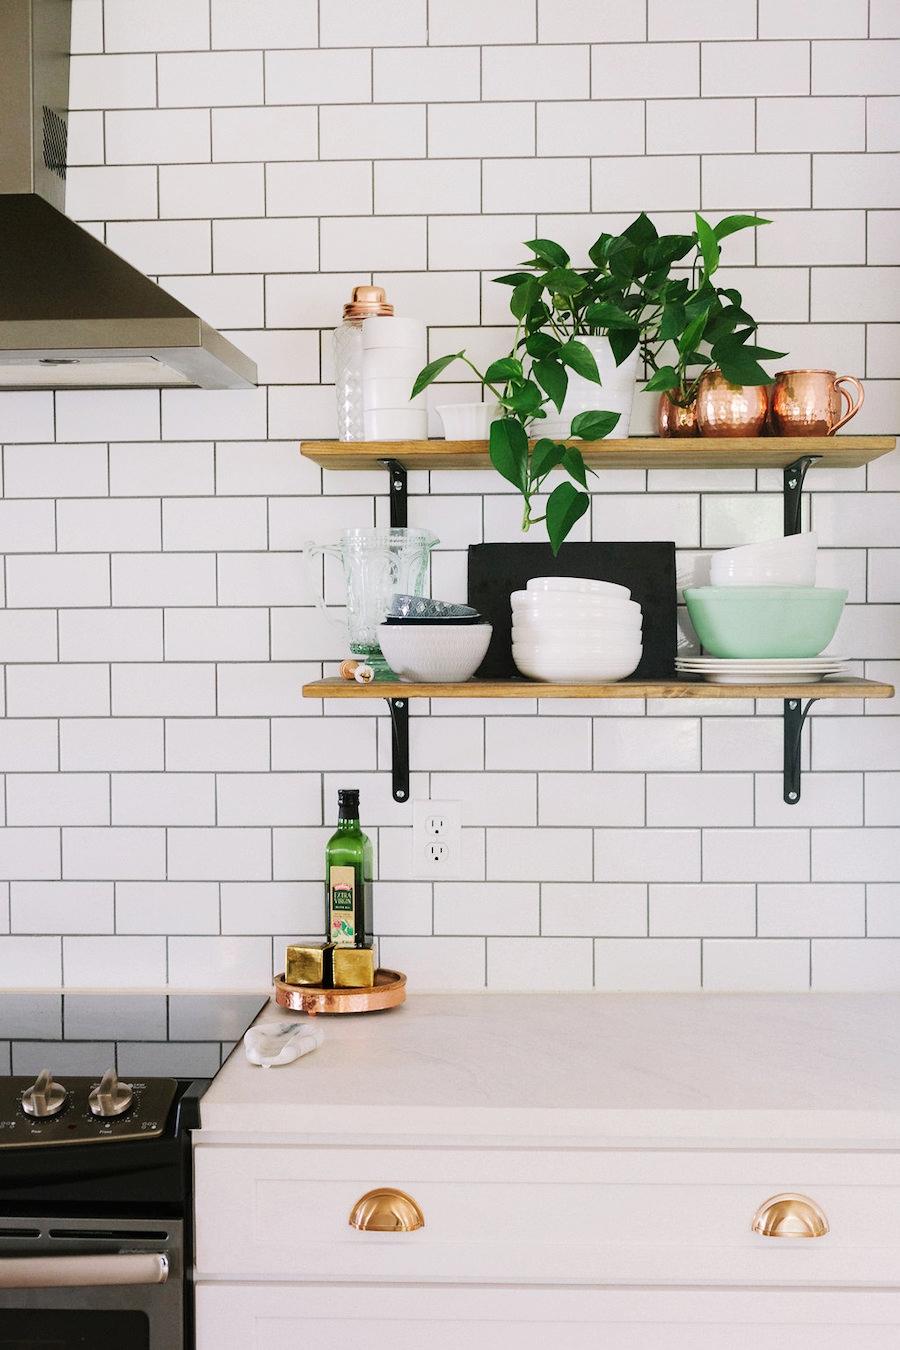 Modna biała kuchnia z jadalnią, wystrój wnętrz, wnętrza, urządzanie domu, dekoracje wnętrz, aranżacja wnętrz, inspiracje wnętrz,interior design , dom i wnętrze, aranżacja mieszkania, modne wnętrza, klasyczna kuchnia, biała kuchnia, kitchen, skandynawska kuchnia, projekt kuchni, jadalnia, styl klasyczny, styl industrialny, styl rustykalny, miedziane dodatki,